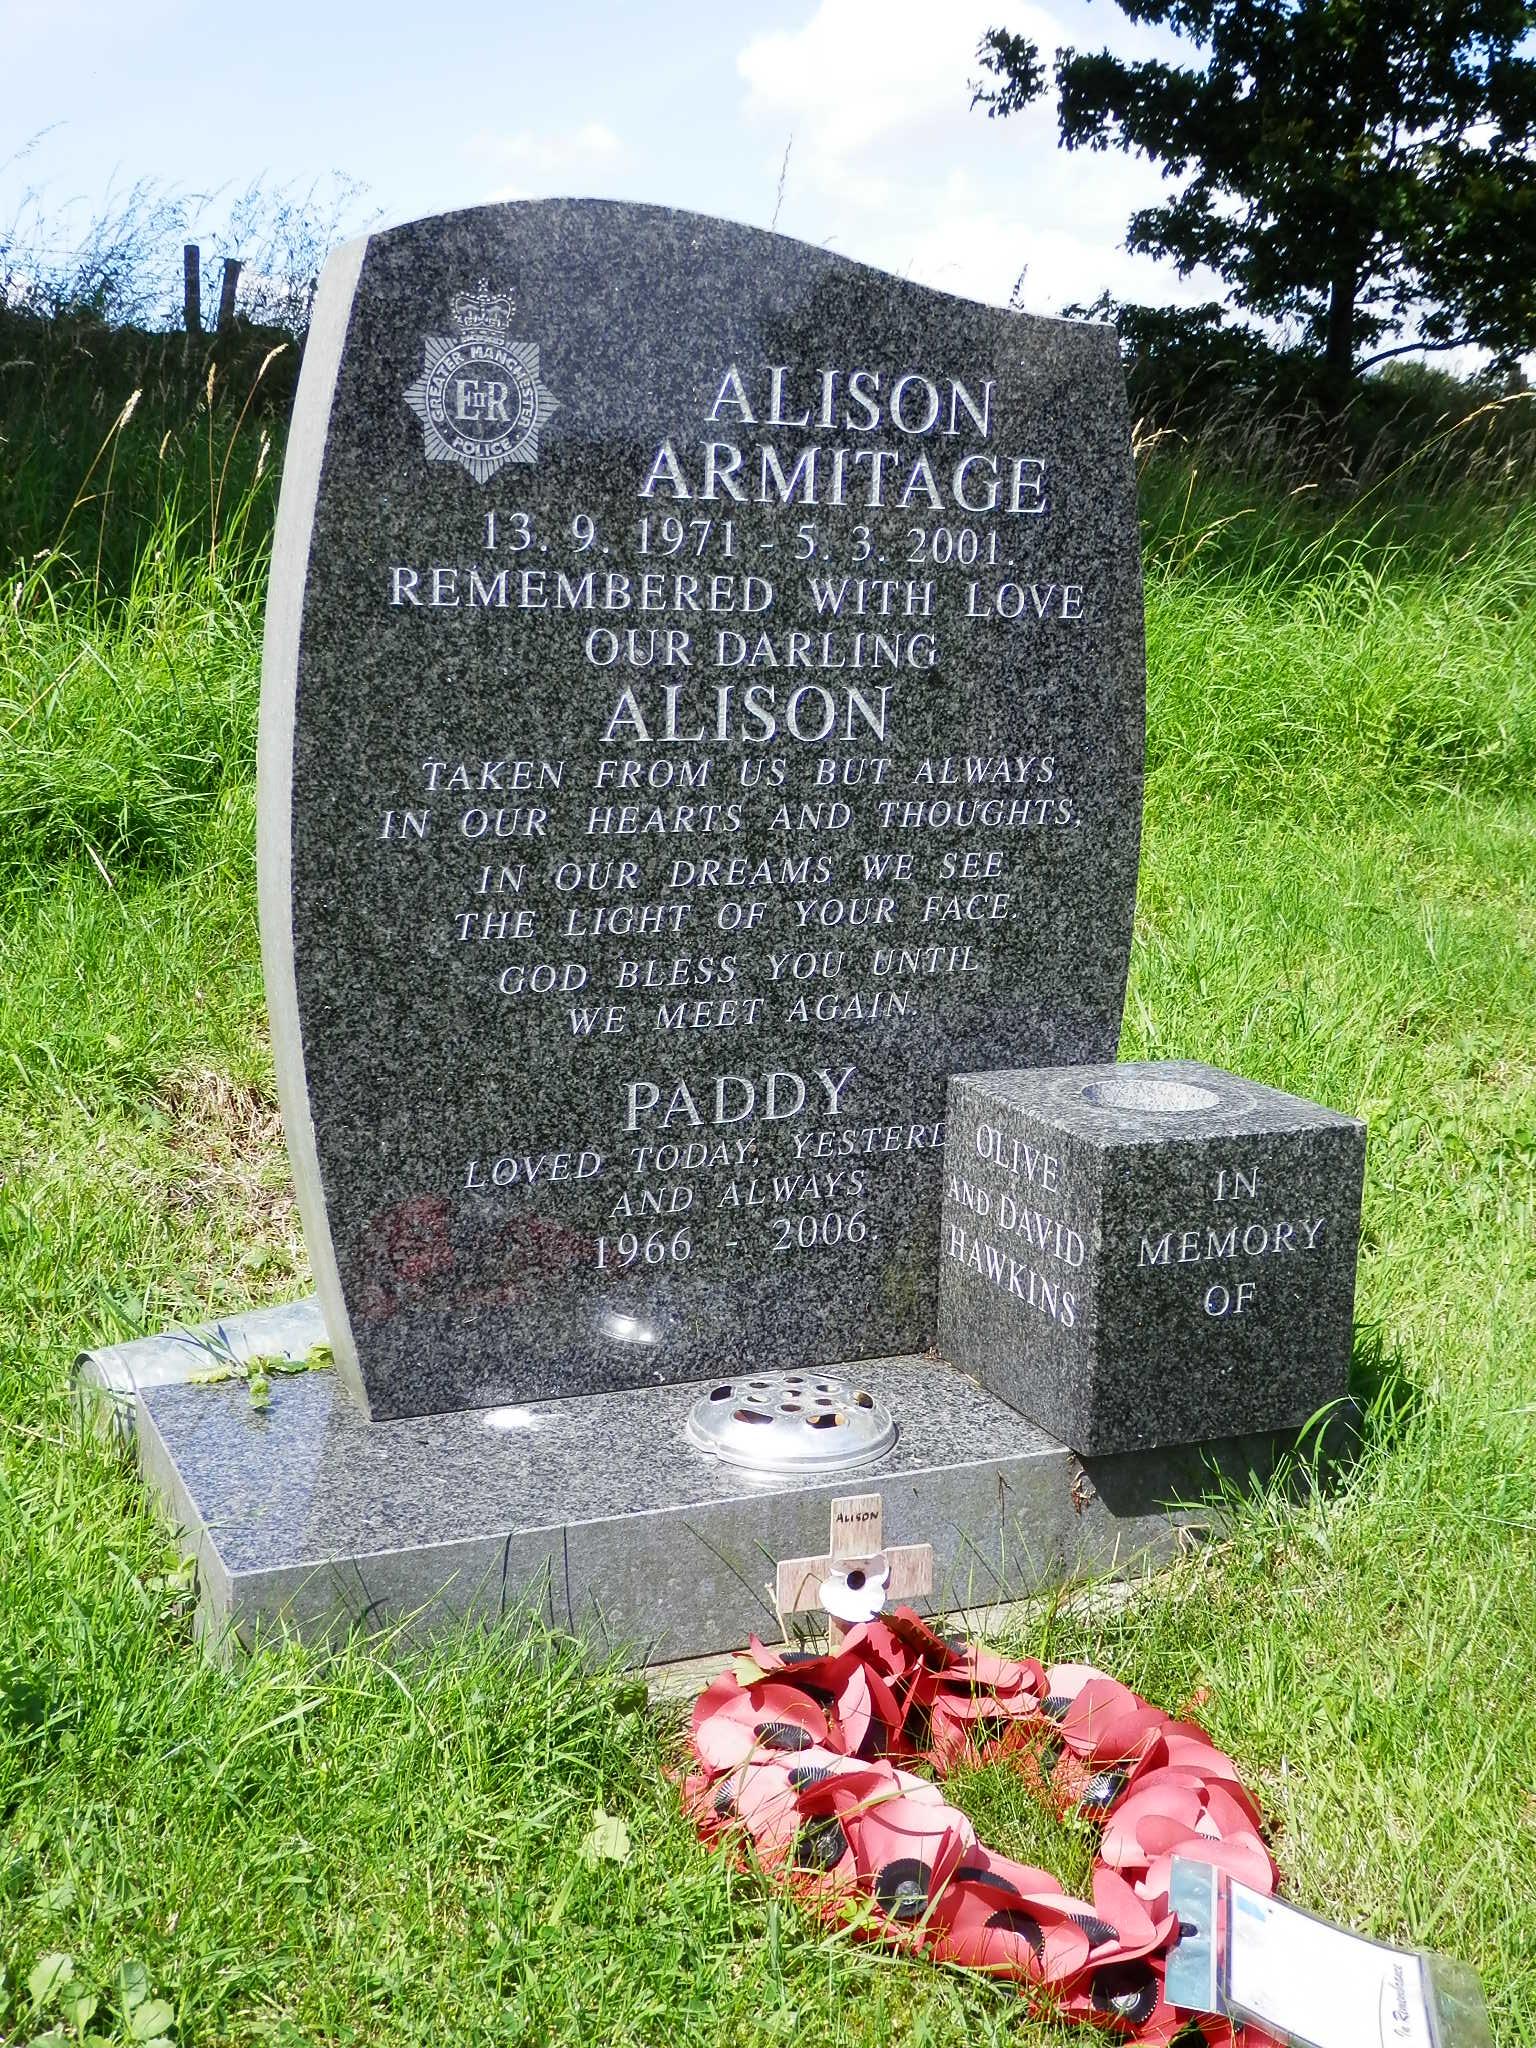 Alison Armitage Photos wpc alison armitage (1971-2001) - find a grave memorial